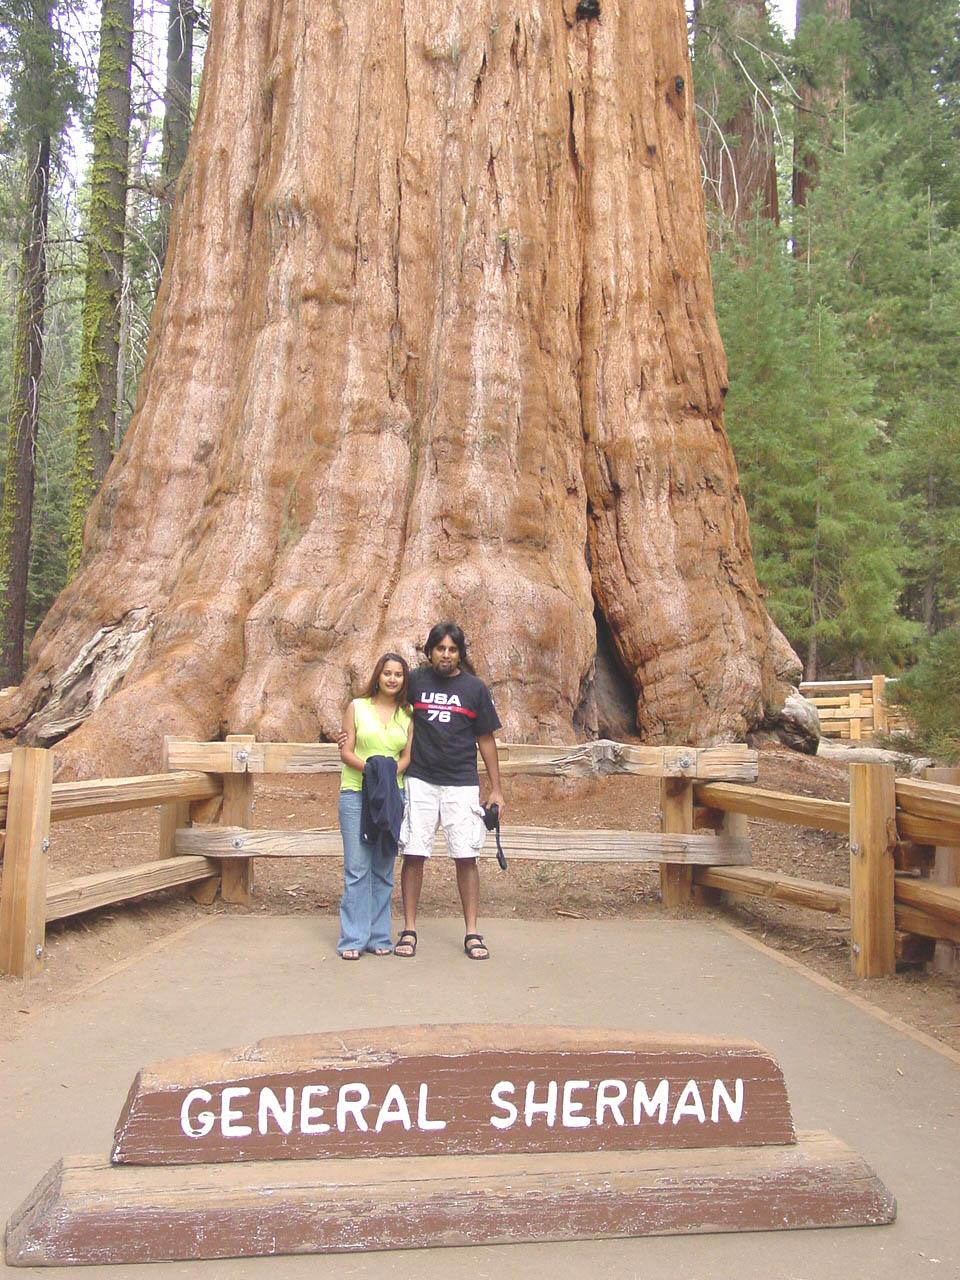 ... ini merupakan pohon-pohon yang memiliki ukuran paling besar di dunia